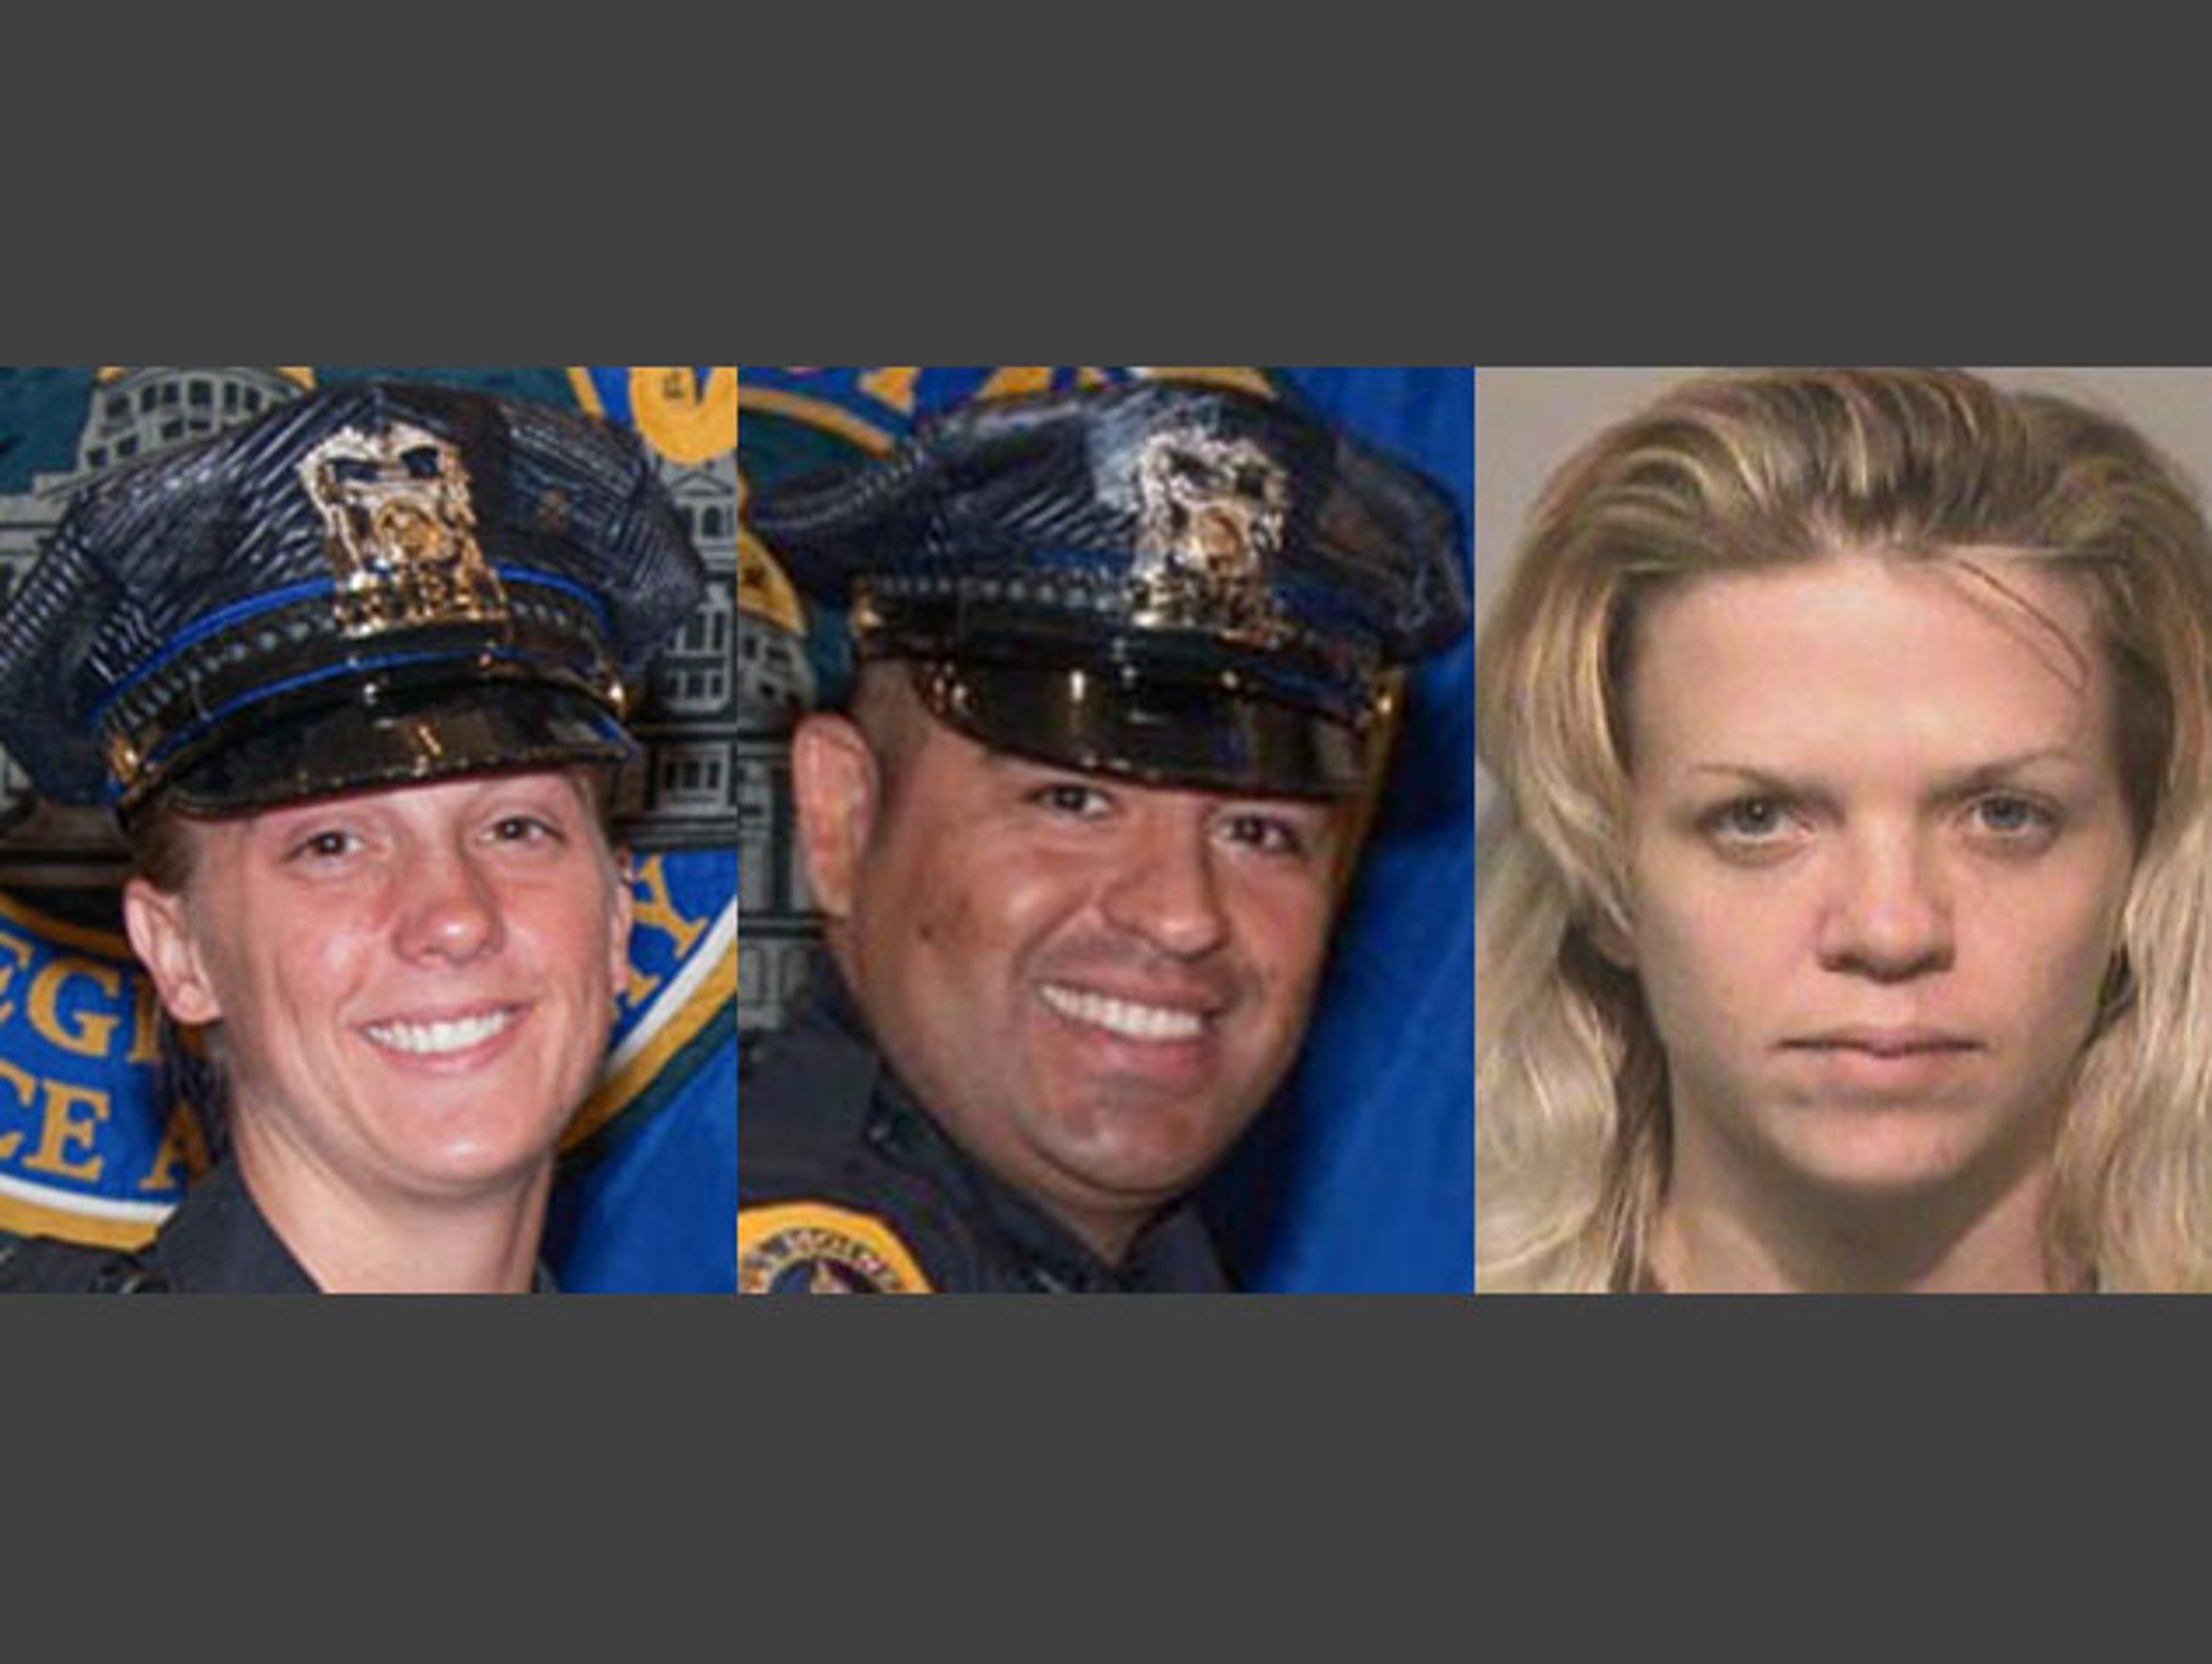 Susan Farrell (left), Carlos Puente-Morales (middle)